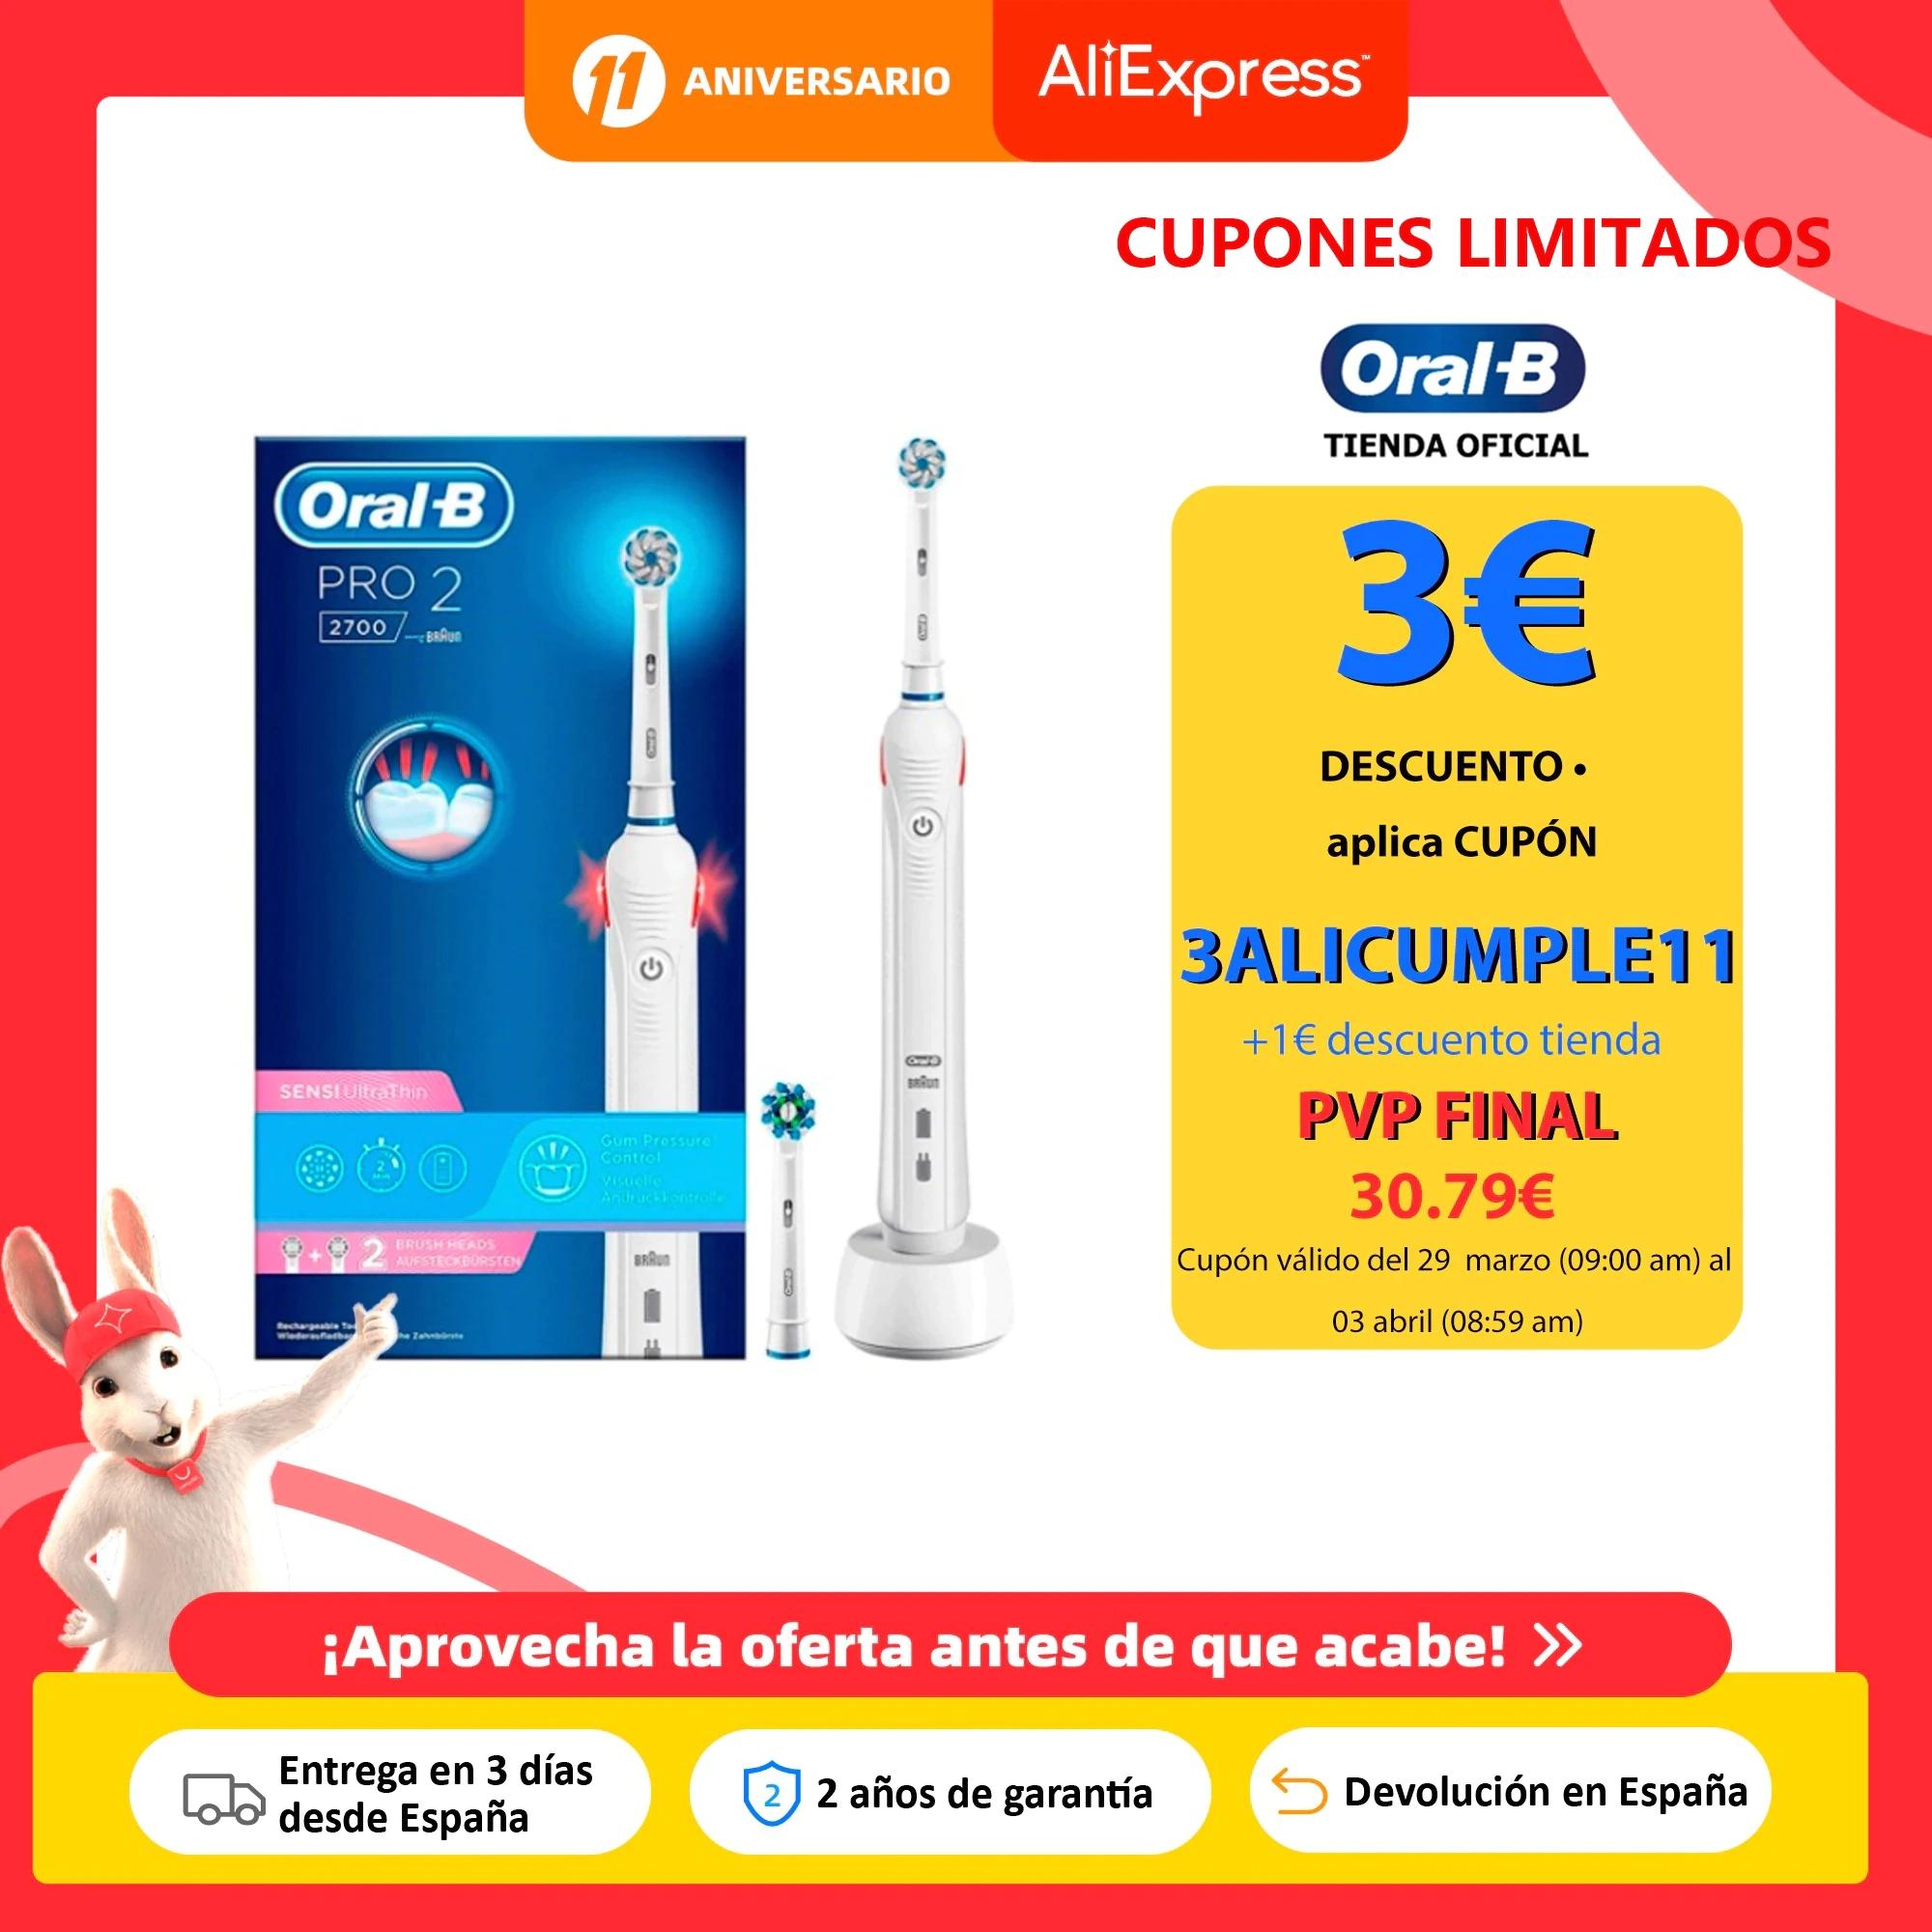 Oral B Pro 2 2700, Cepillo de dientes eléctrico recargable, desde España